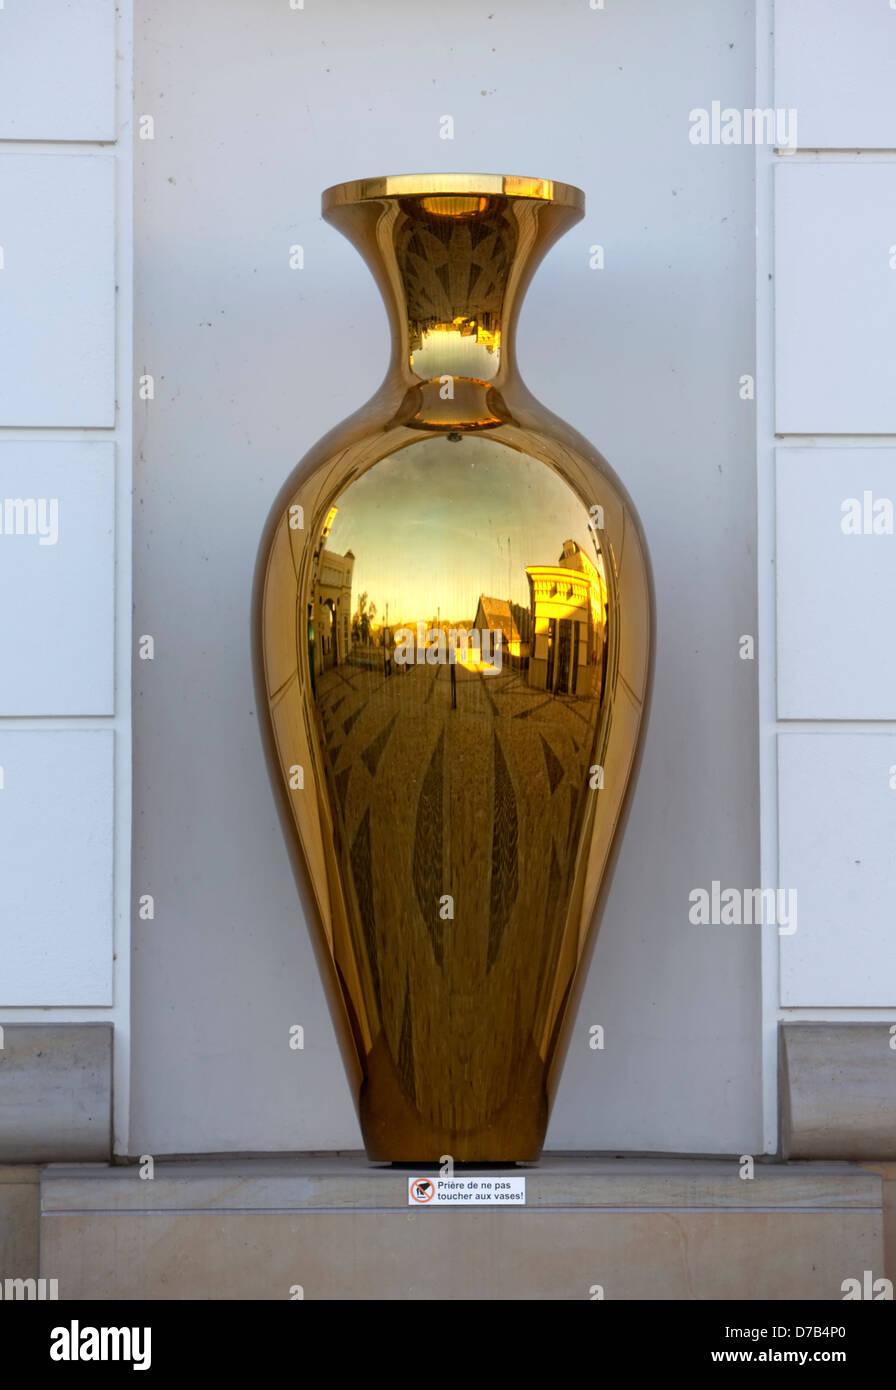 Spiegelt sich in eine goldene Vase, Gerichtsgebäuden zitieren Judiciaire, Stadt Luxemburg, Luxemburg, Europa Stockbild